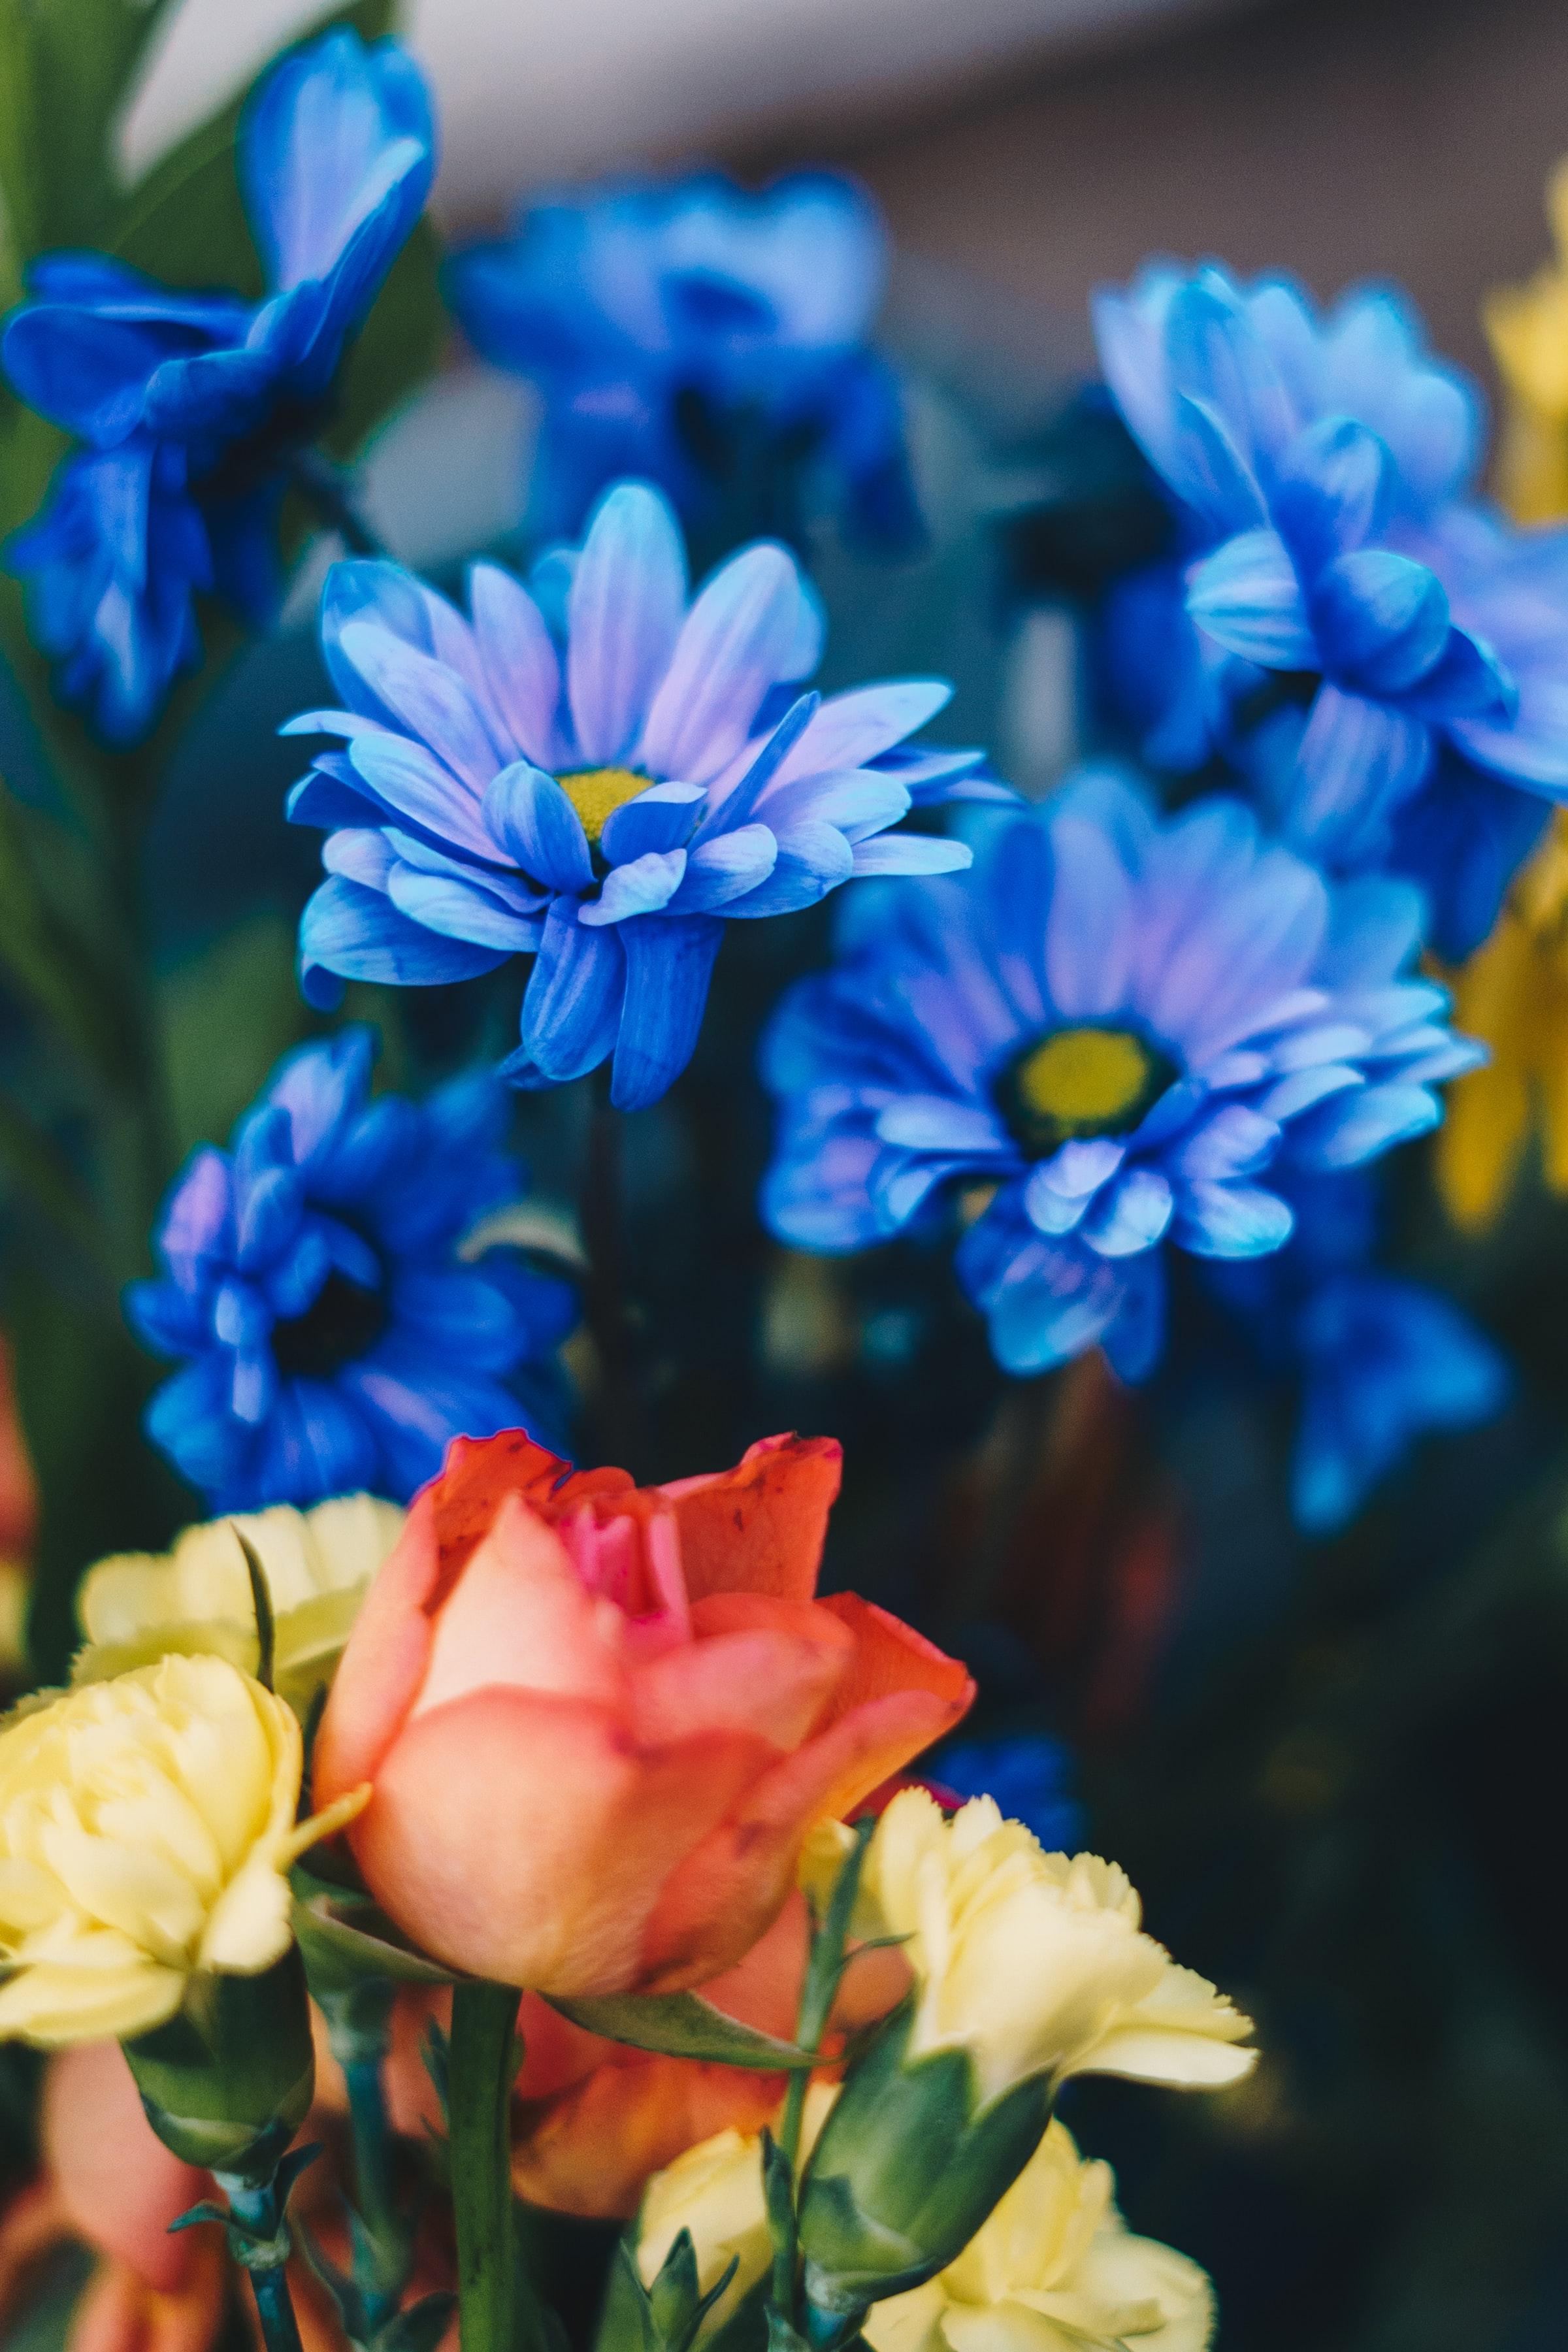 158013 скачать обои Цветы, Букет, Синий, Хризантемы, Розы - заставки и картинки бесплатно